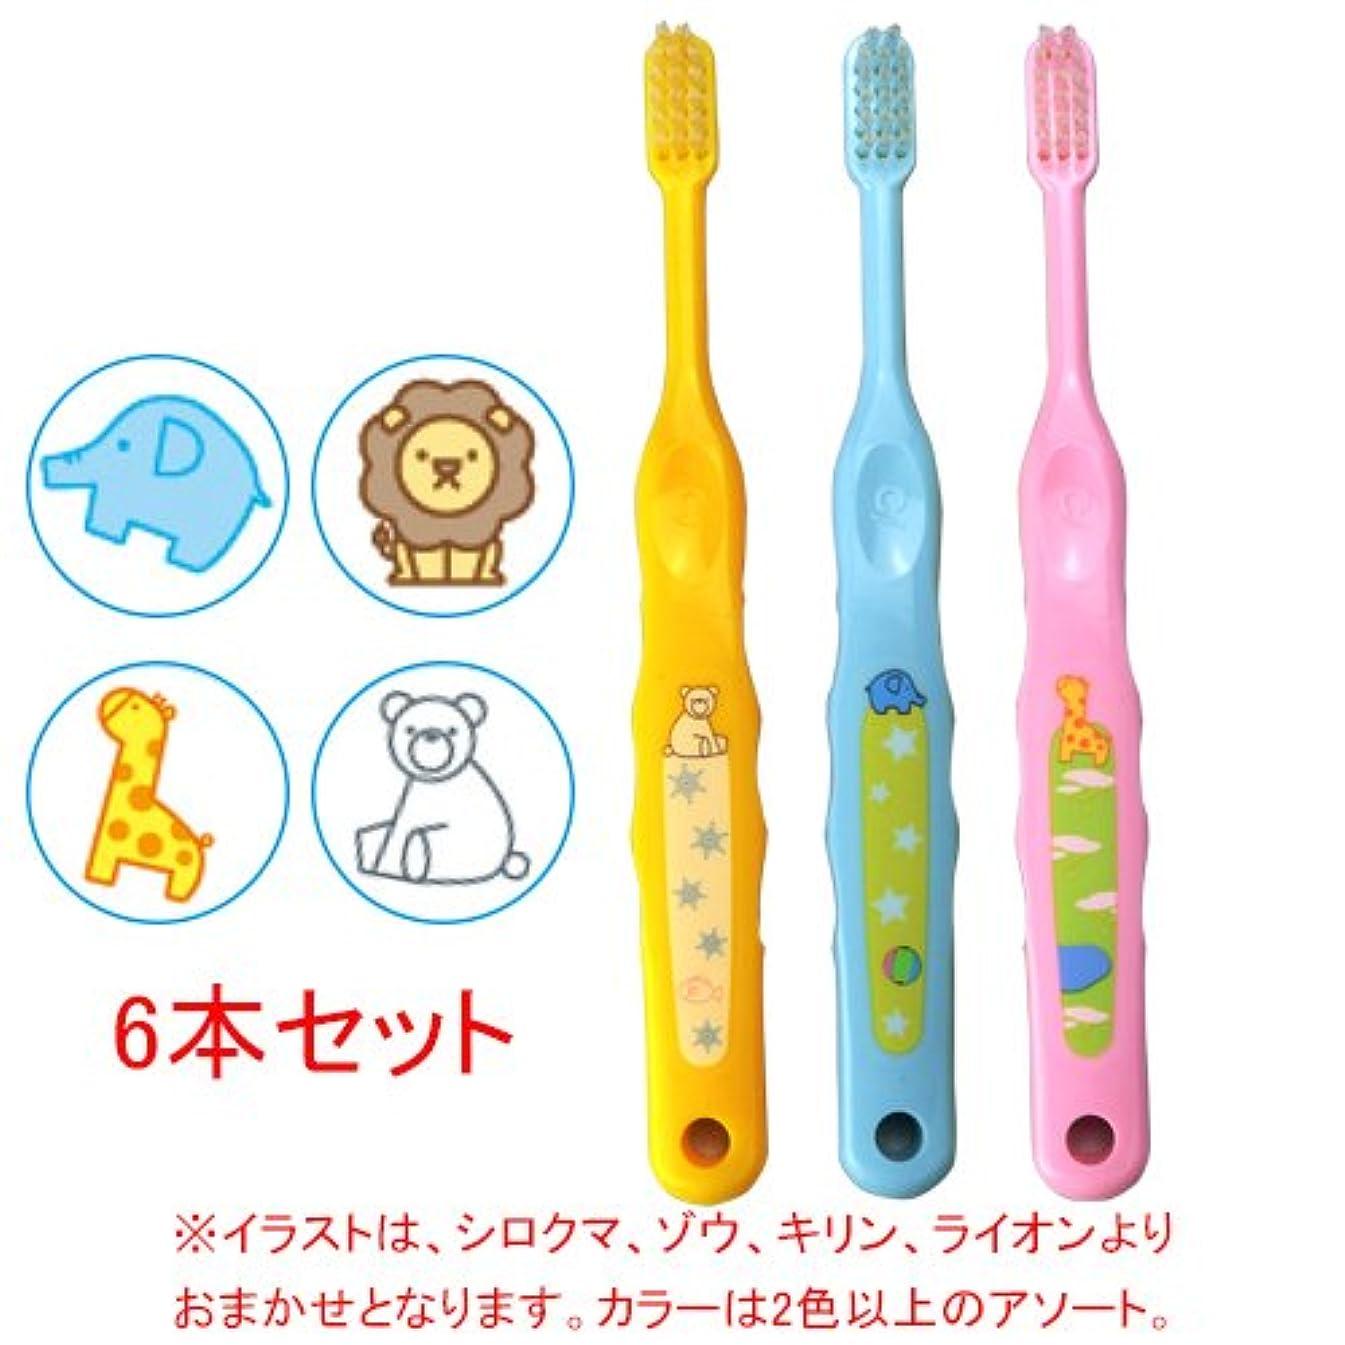 ビームまばたき勇敢なCiメディカル Ci なまえ歯ブラシ 503 (やわらかめ) (乳児~小学生向)×6本